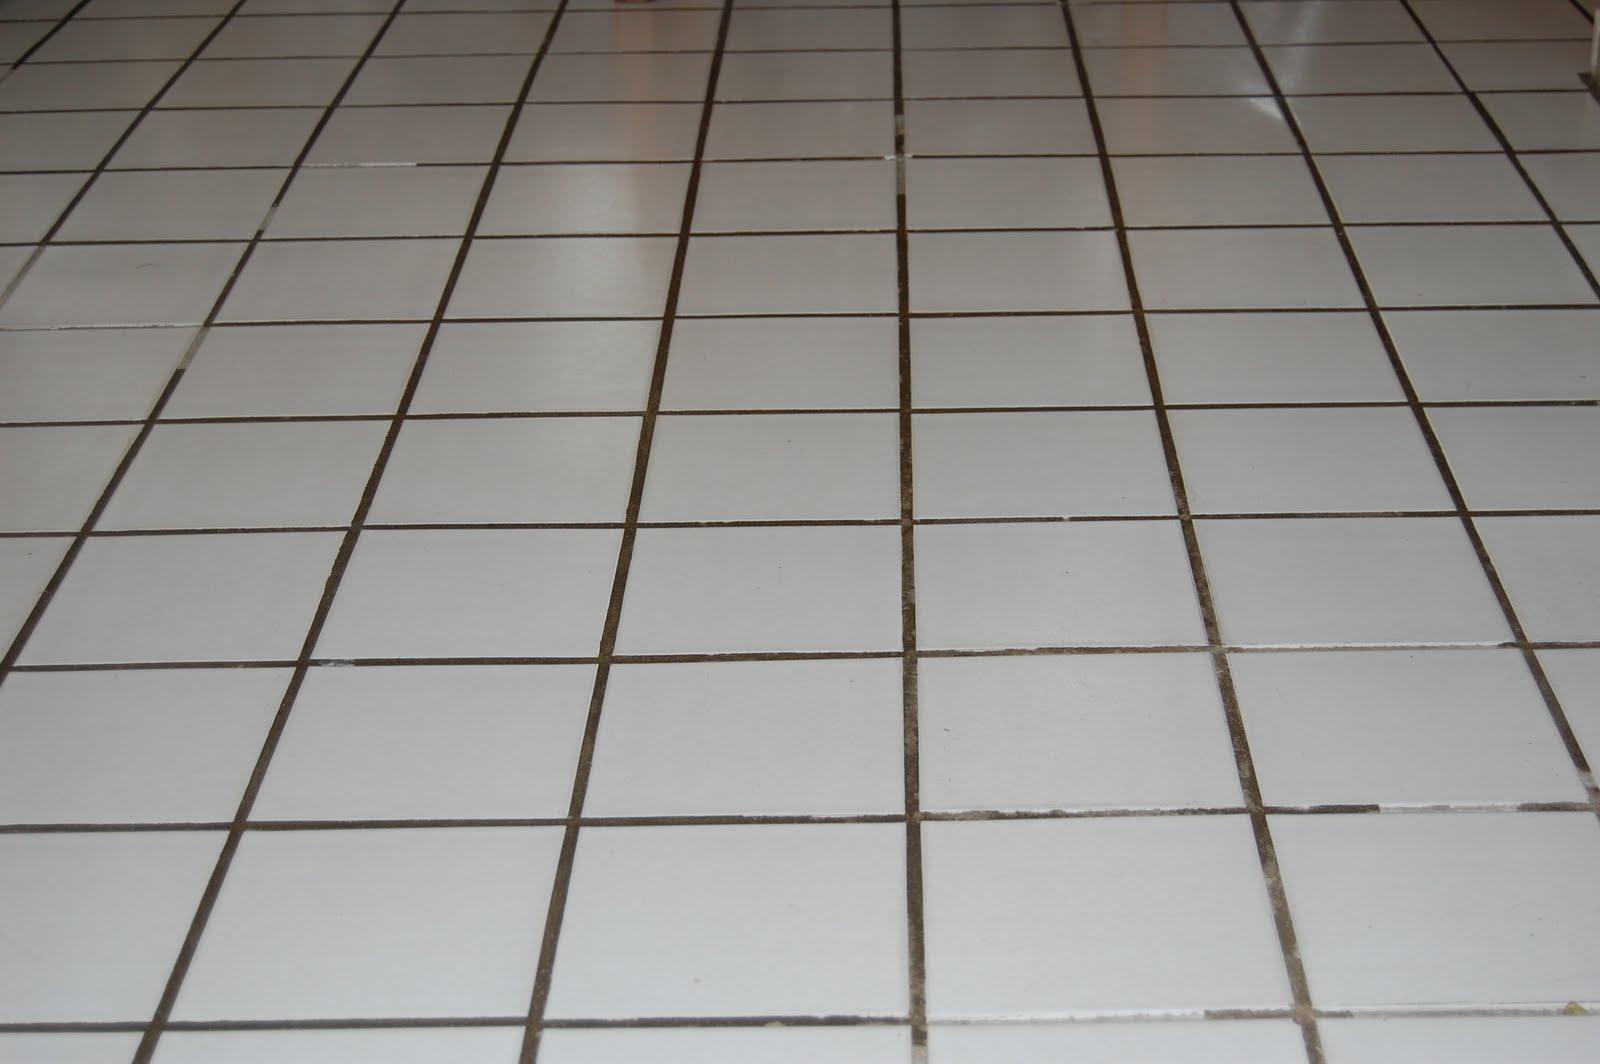 Patroon tegelvloer tegels en plavuizen startpagina voor vloerbedekking idee n uw tegel outlet - Tegelvloer patroon ...